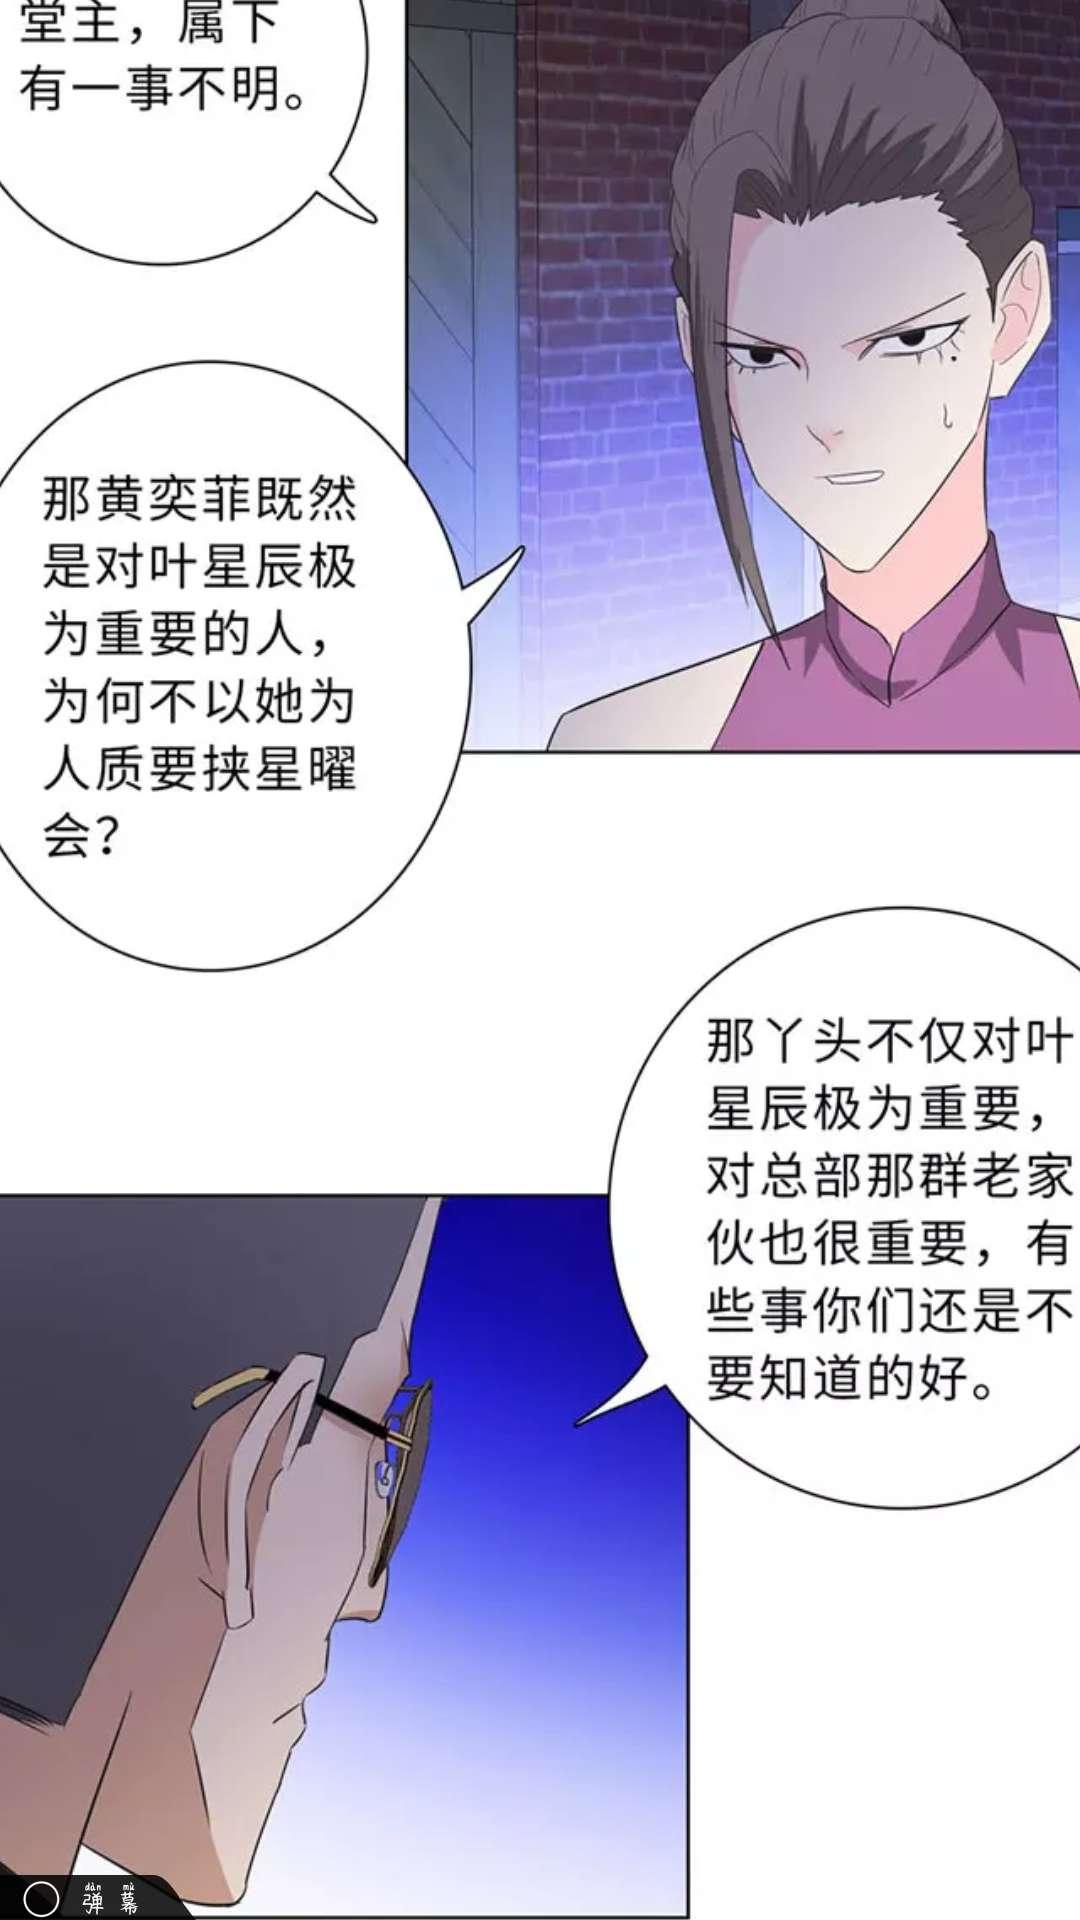 【漫画更新】校园高手*